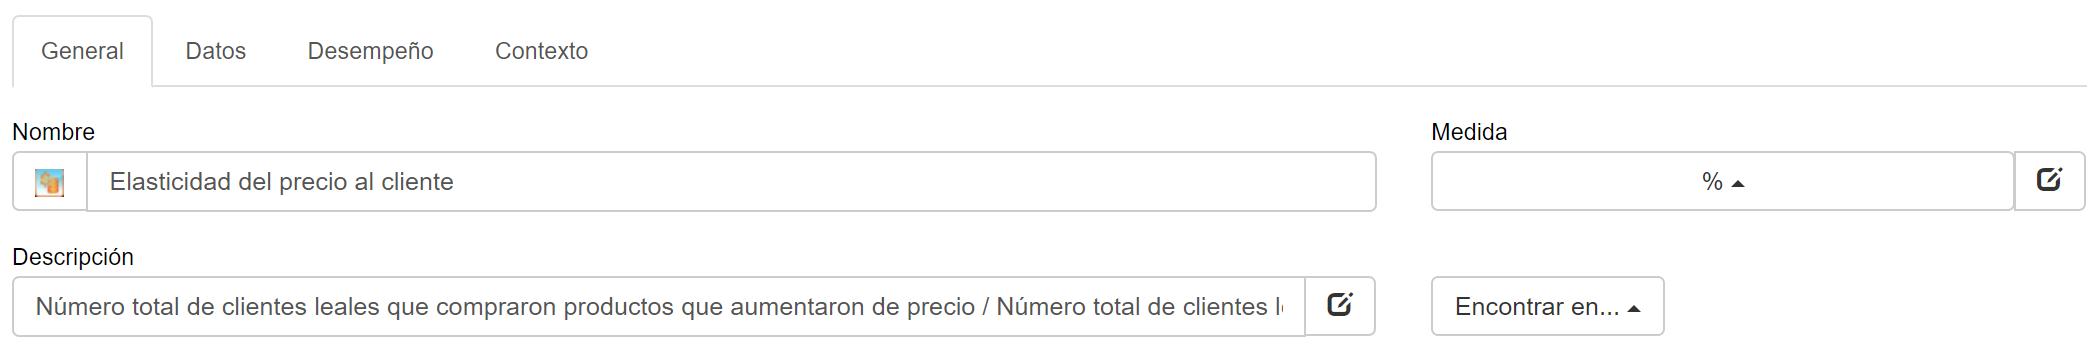 KPI de elasticidad de precio del cliente